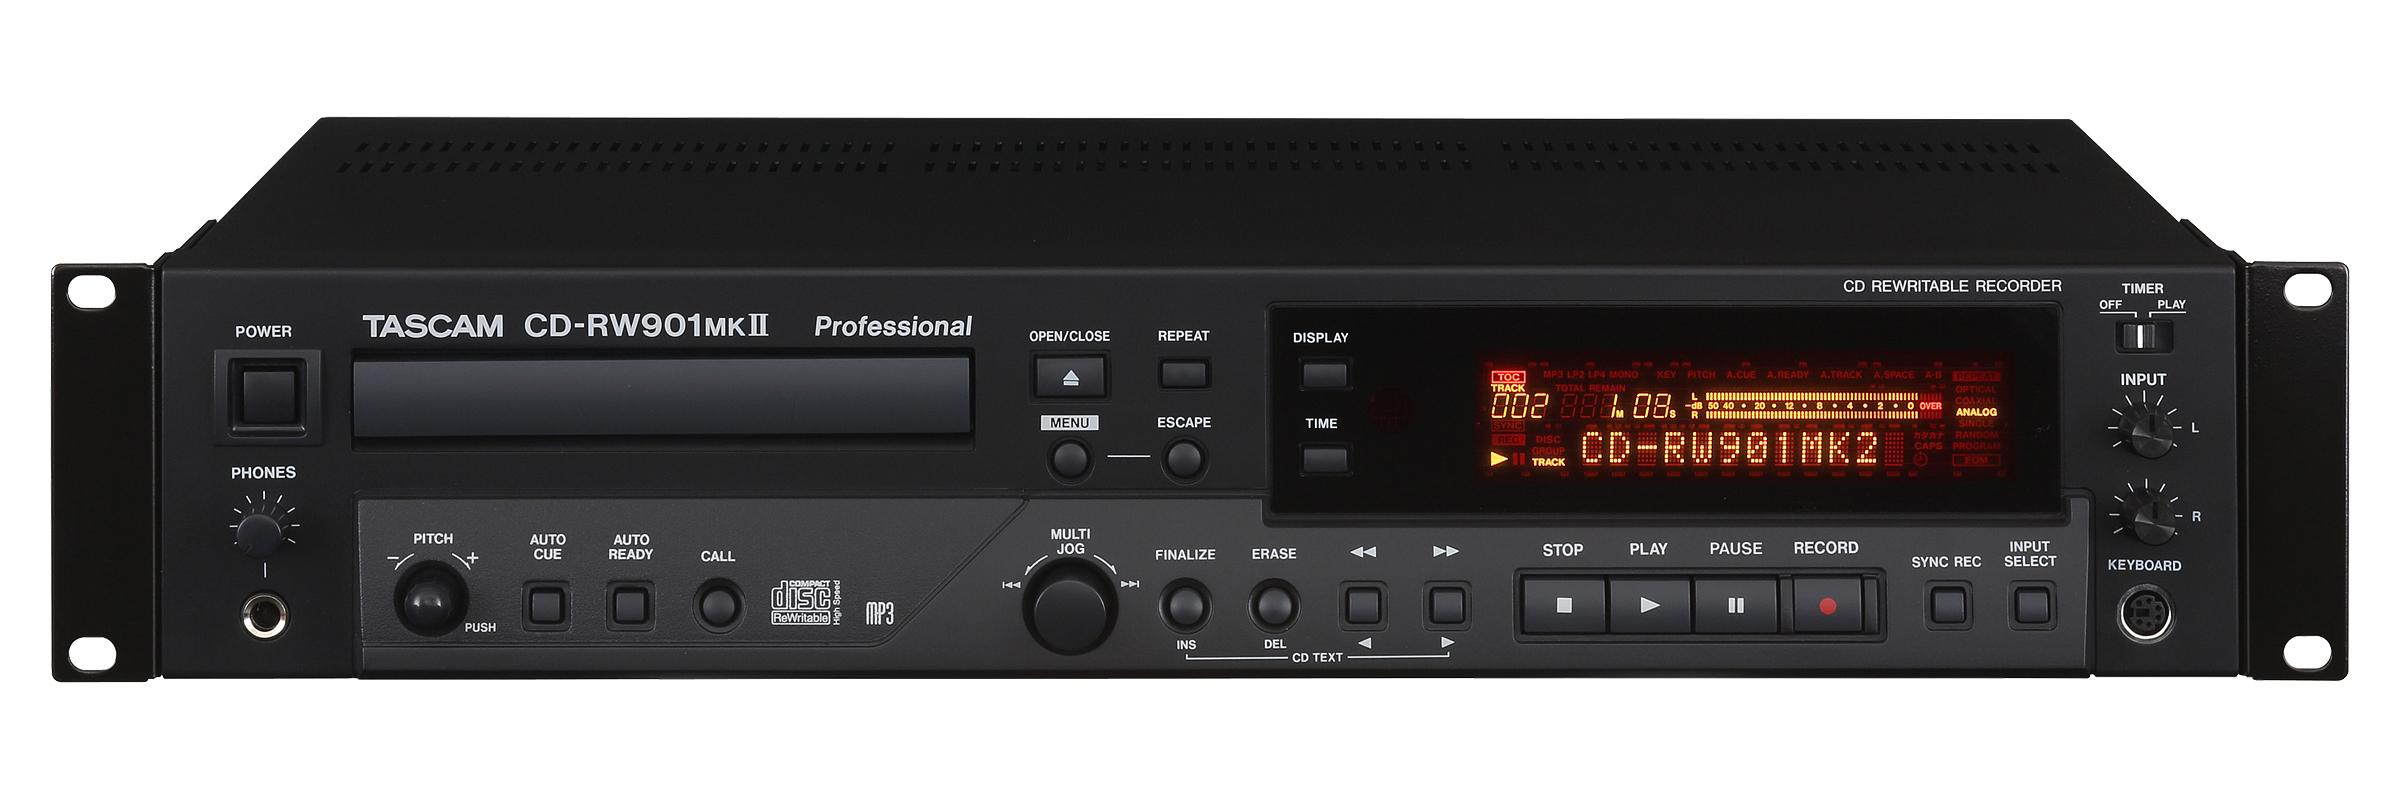 Tascam Cd Rw901 Mk2 Deutsch Digital Audio Service